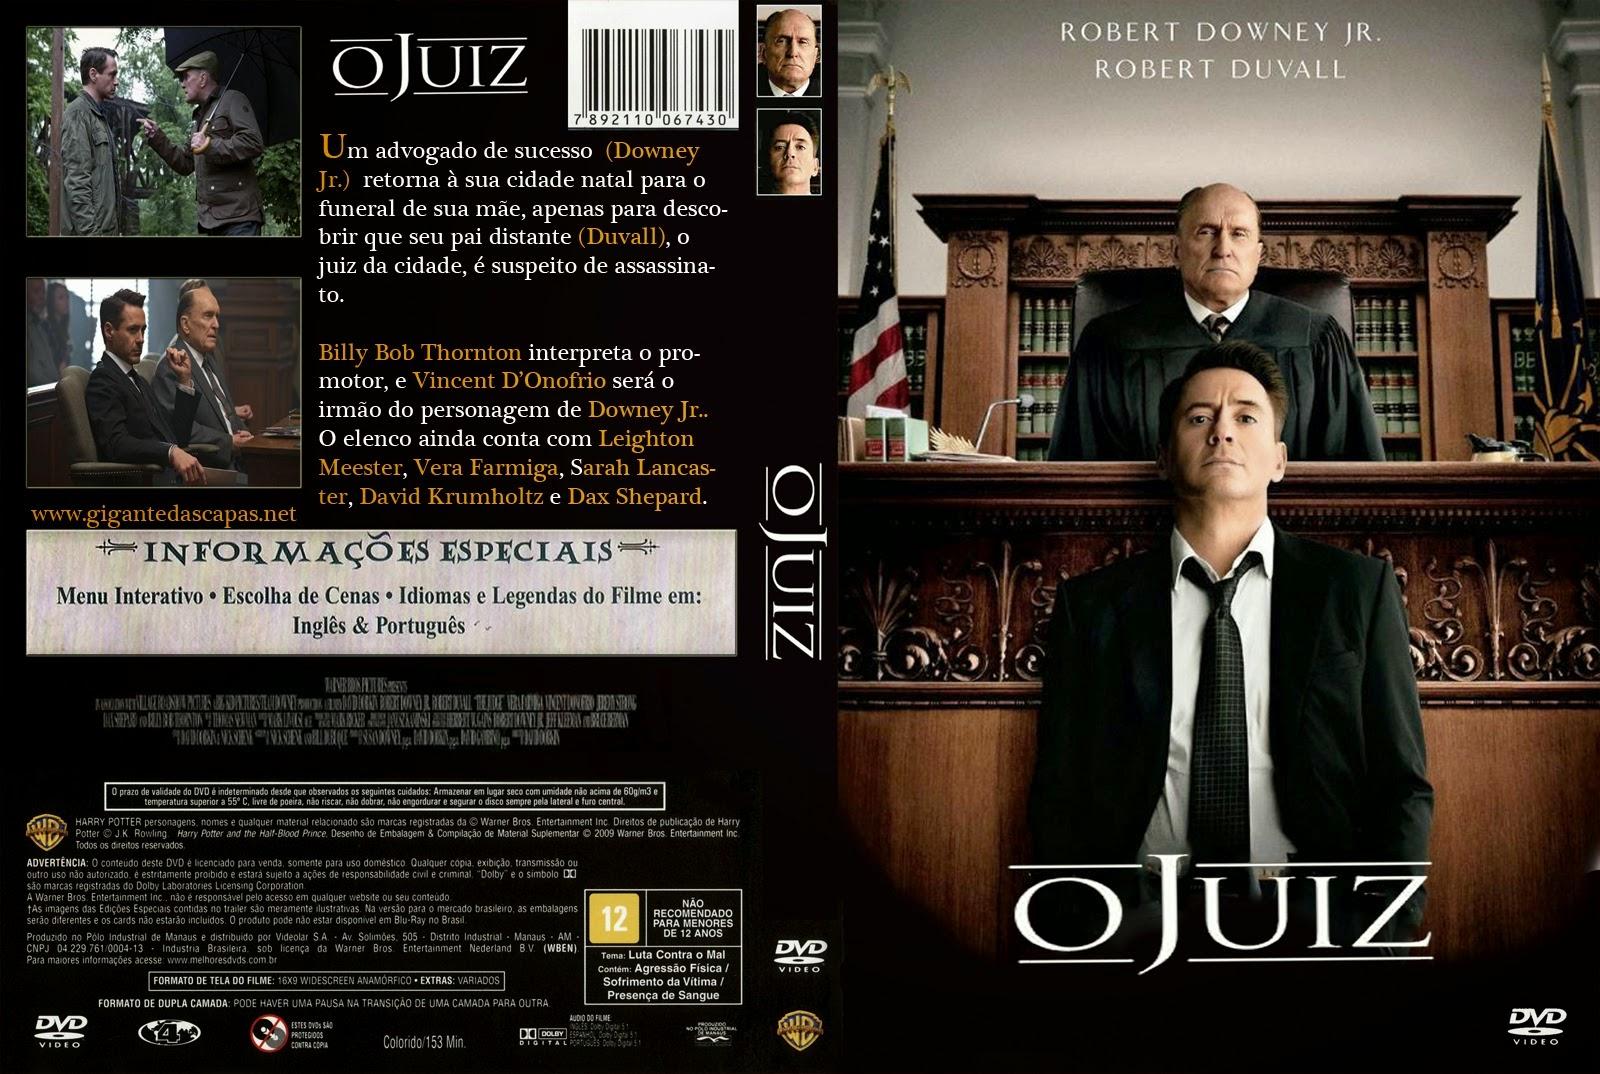 Download O Juiz DVD-R AUTORADO O 2BJu C3 ADz 2B  2BCapa 2BFilme 2BDVD